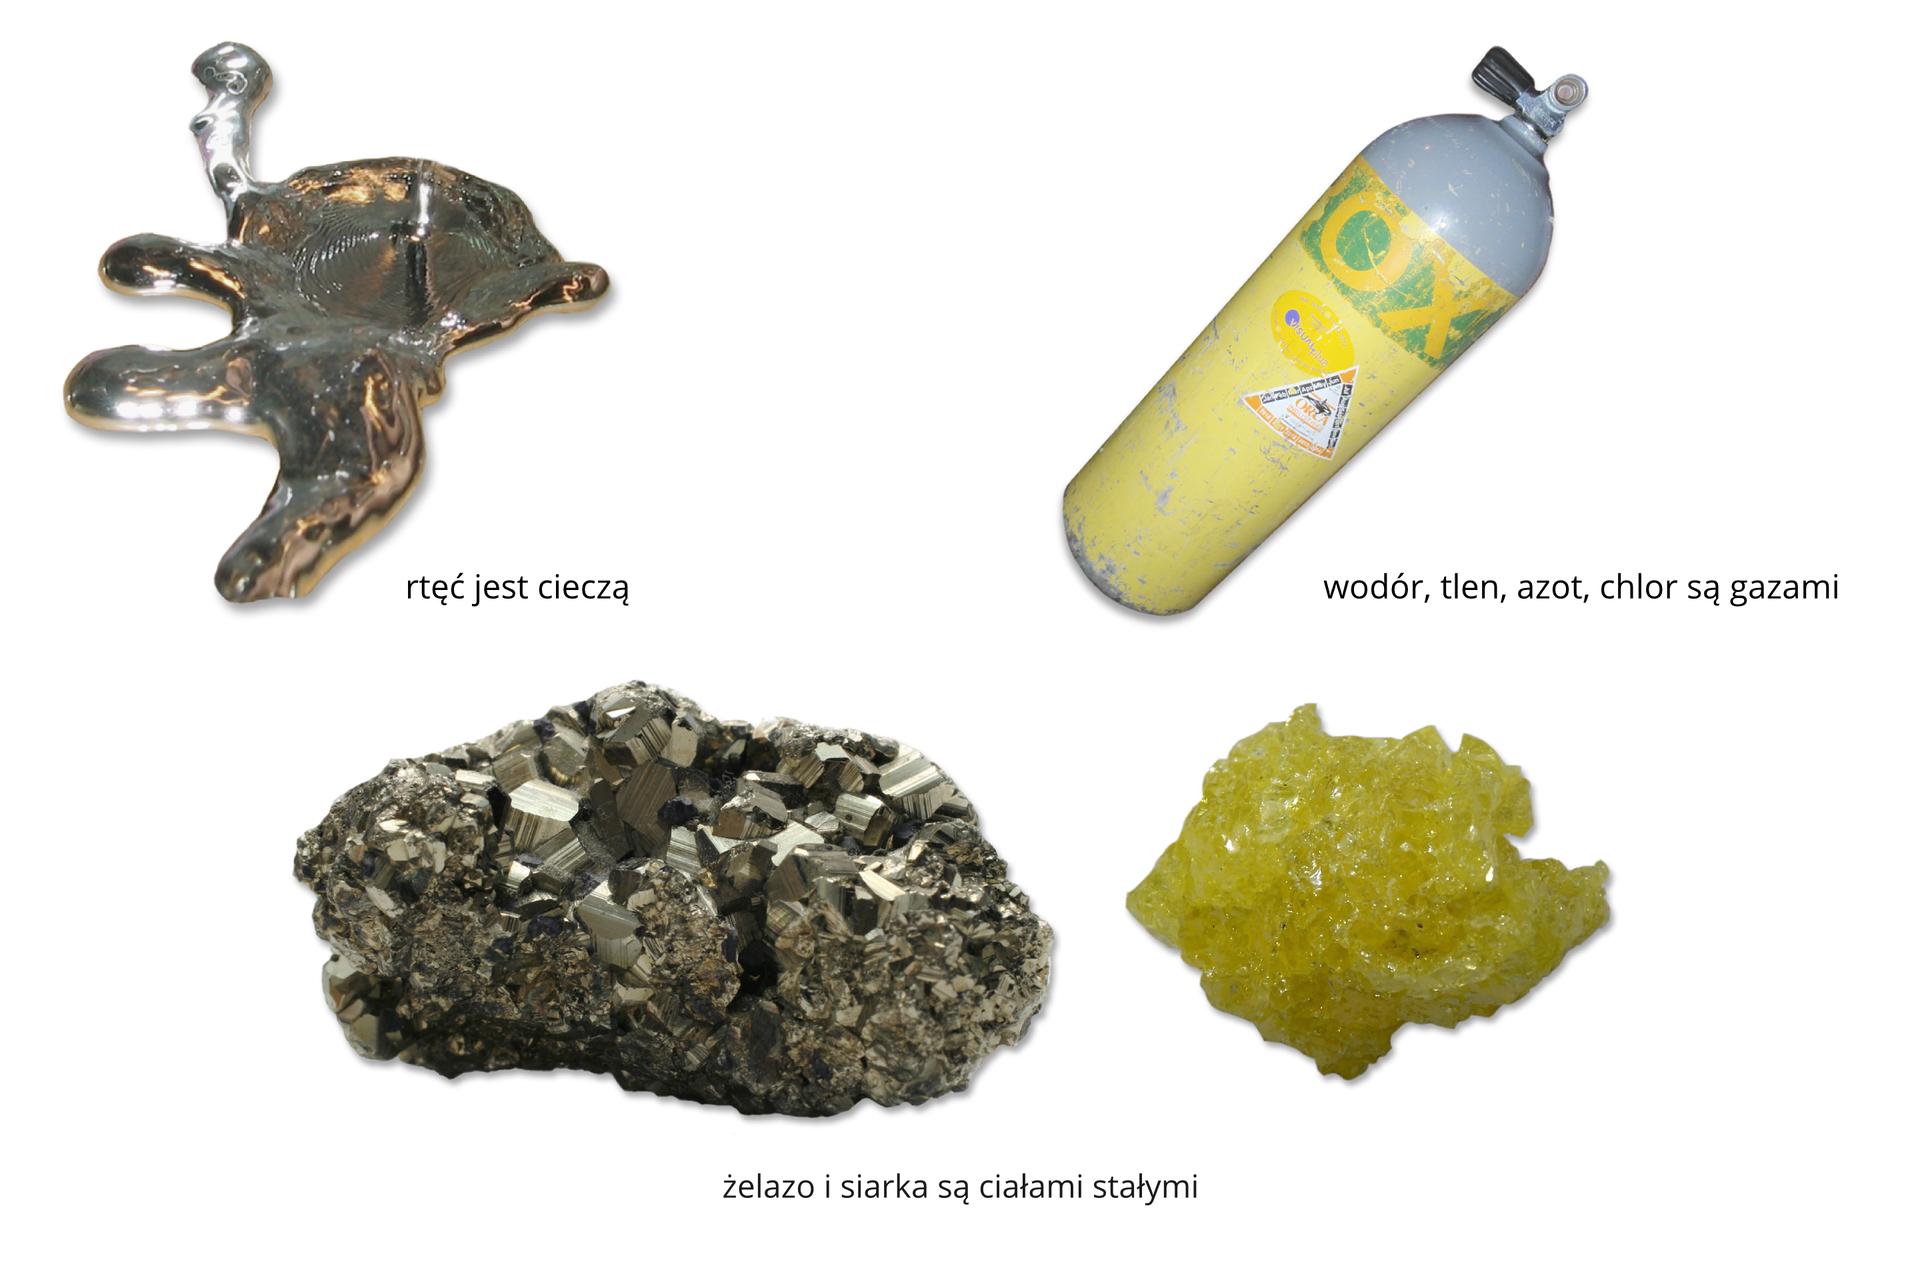 Schemat przedstawiający fotografie różnych postaci pierwiastków: rtęć wpostaci cieczy, wodór, tlen, azot, chlor wpostaci gazu, żelazo, węgiel, siarka, wapń - ciała stałe.